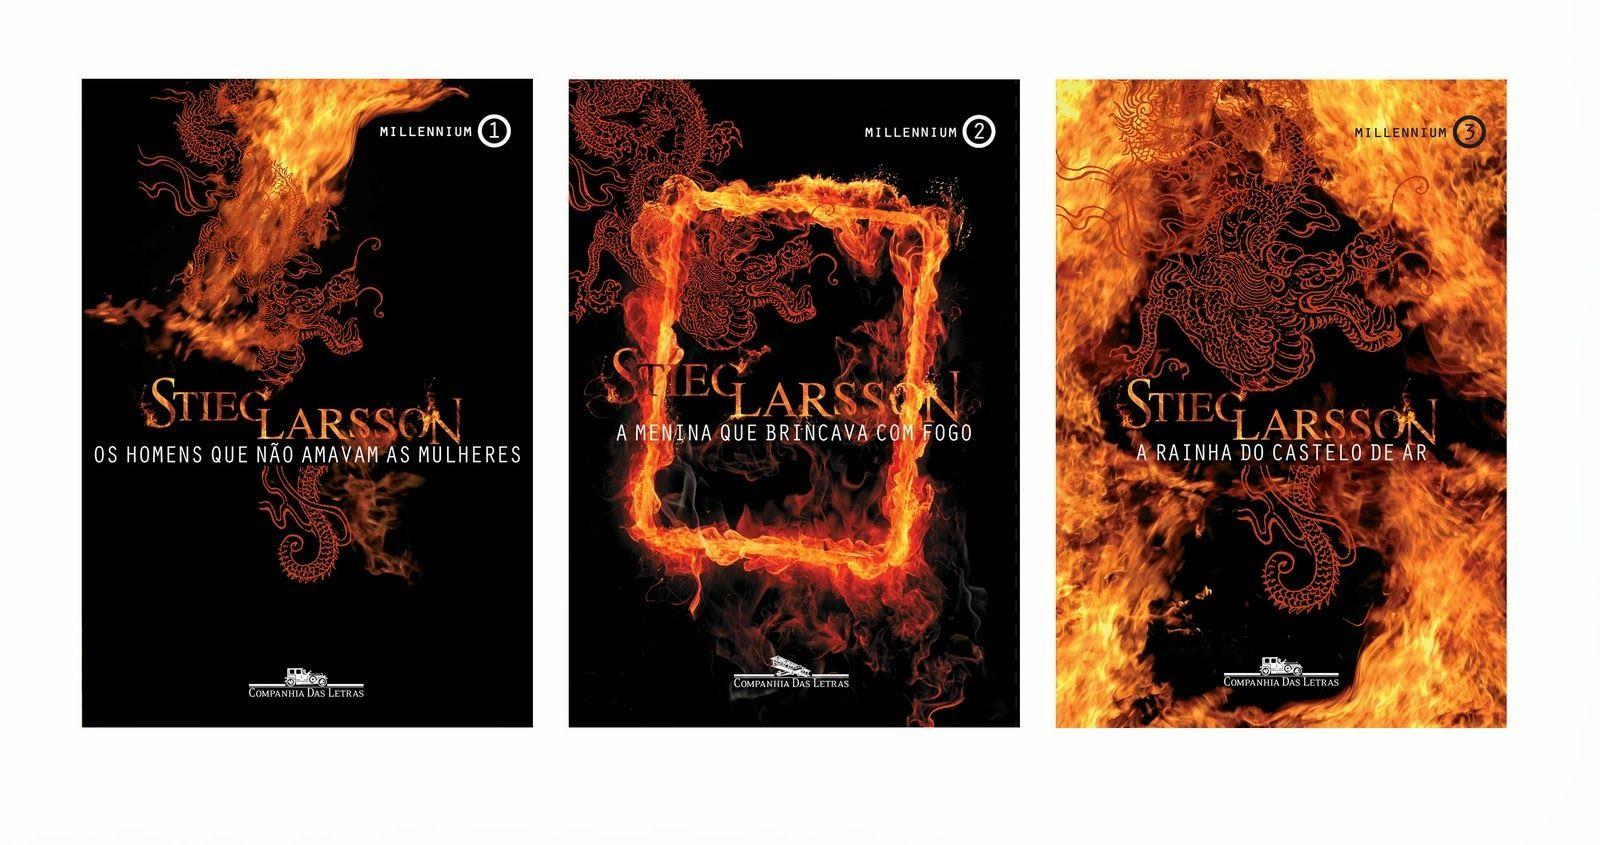 Pin De Andreia Zanini Em Livros Stieg Larsson Trilogia Livros